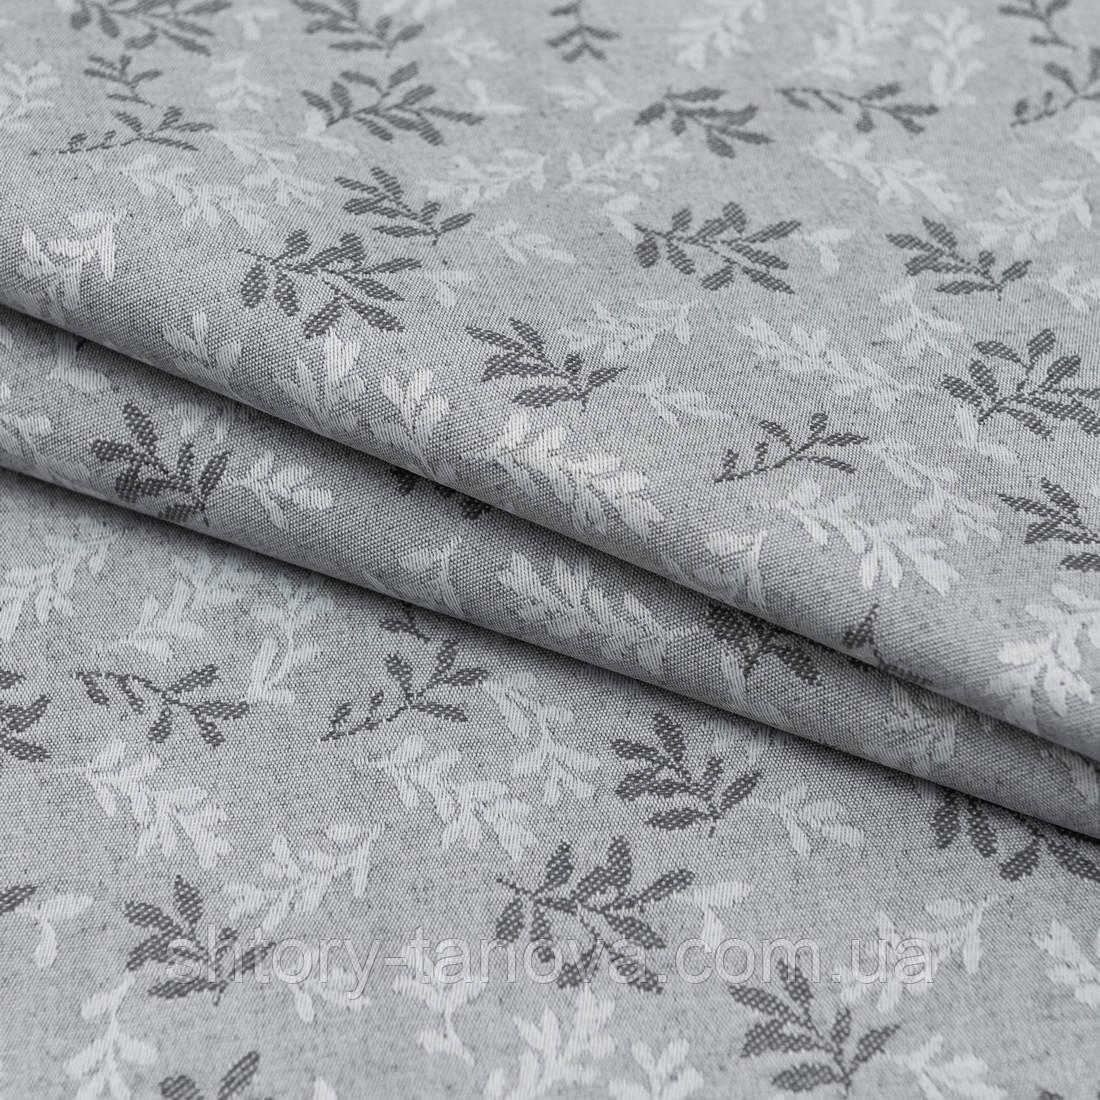 Ткань с акриловой пропиткой карузо/caruso серый